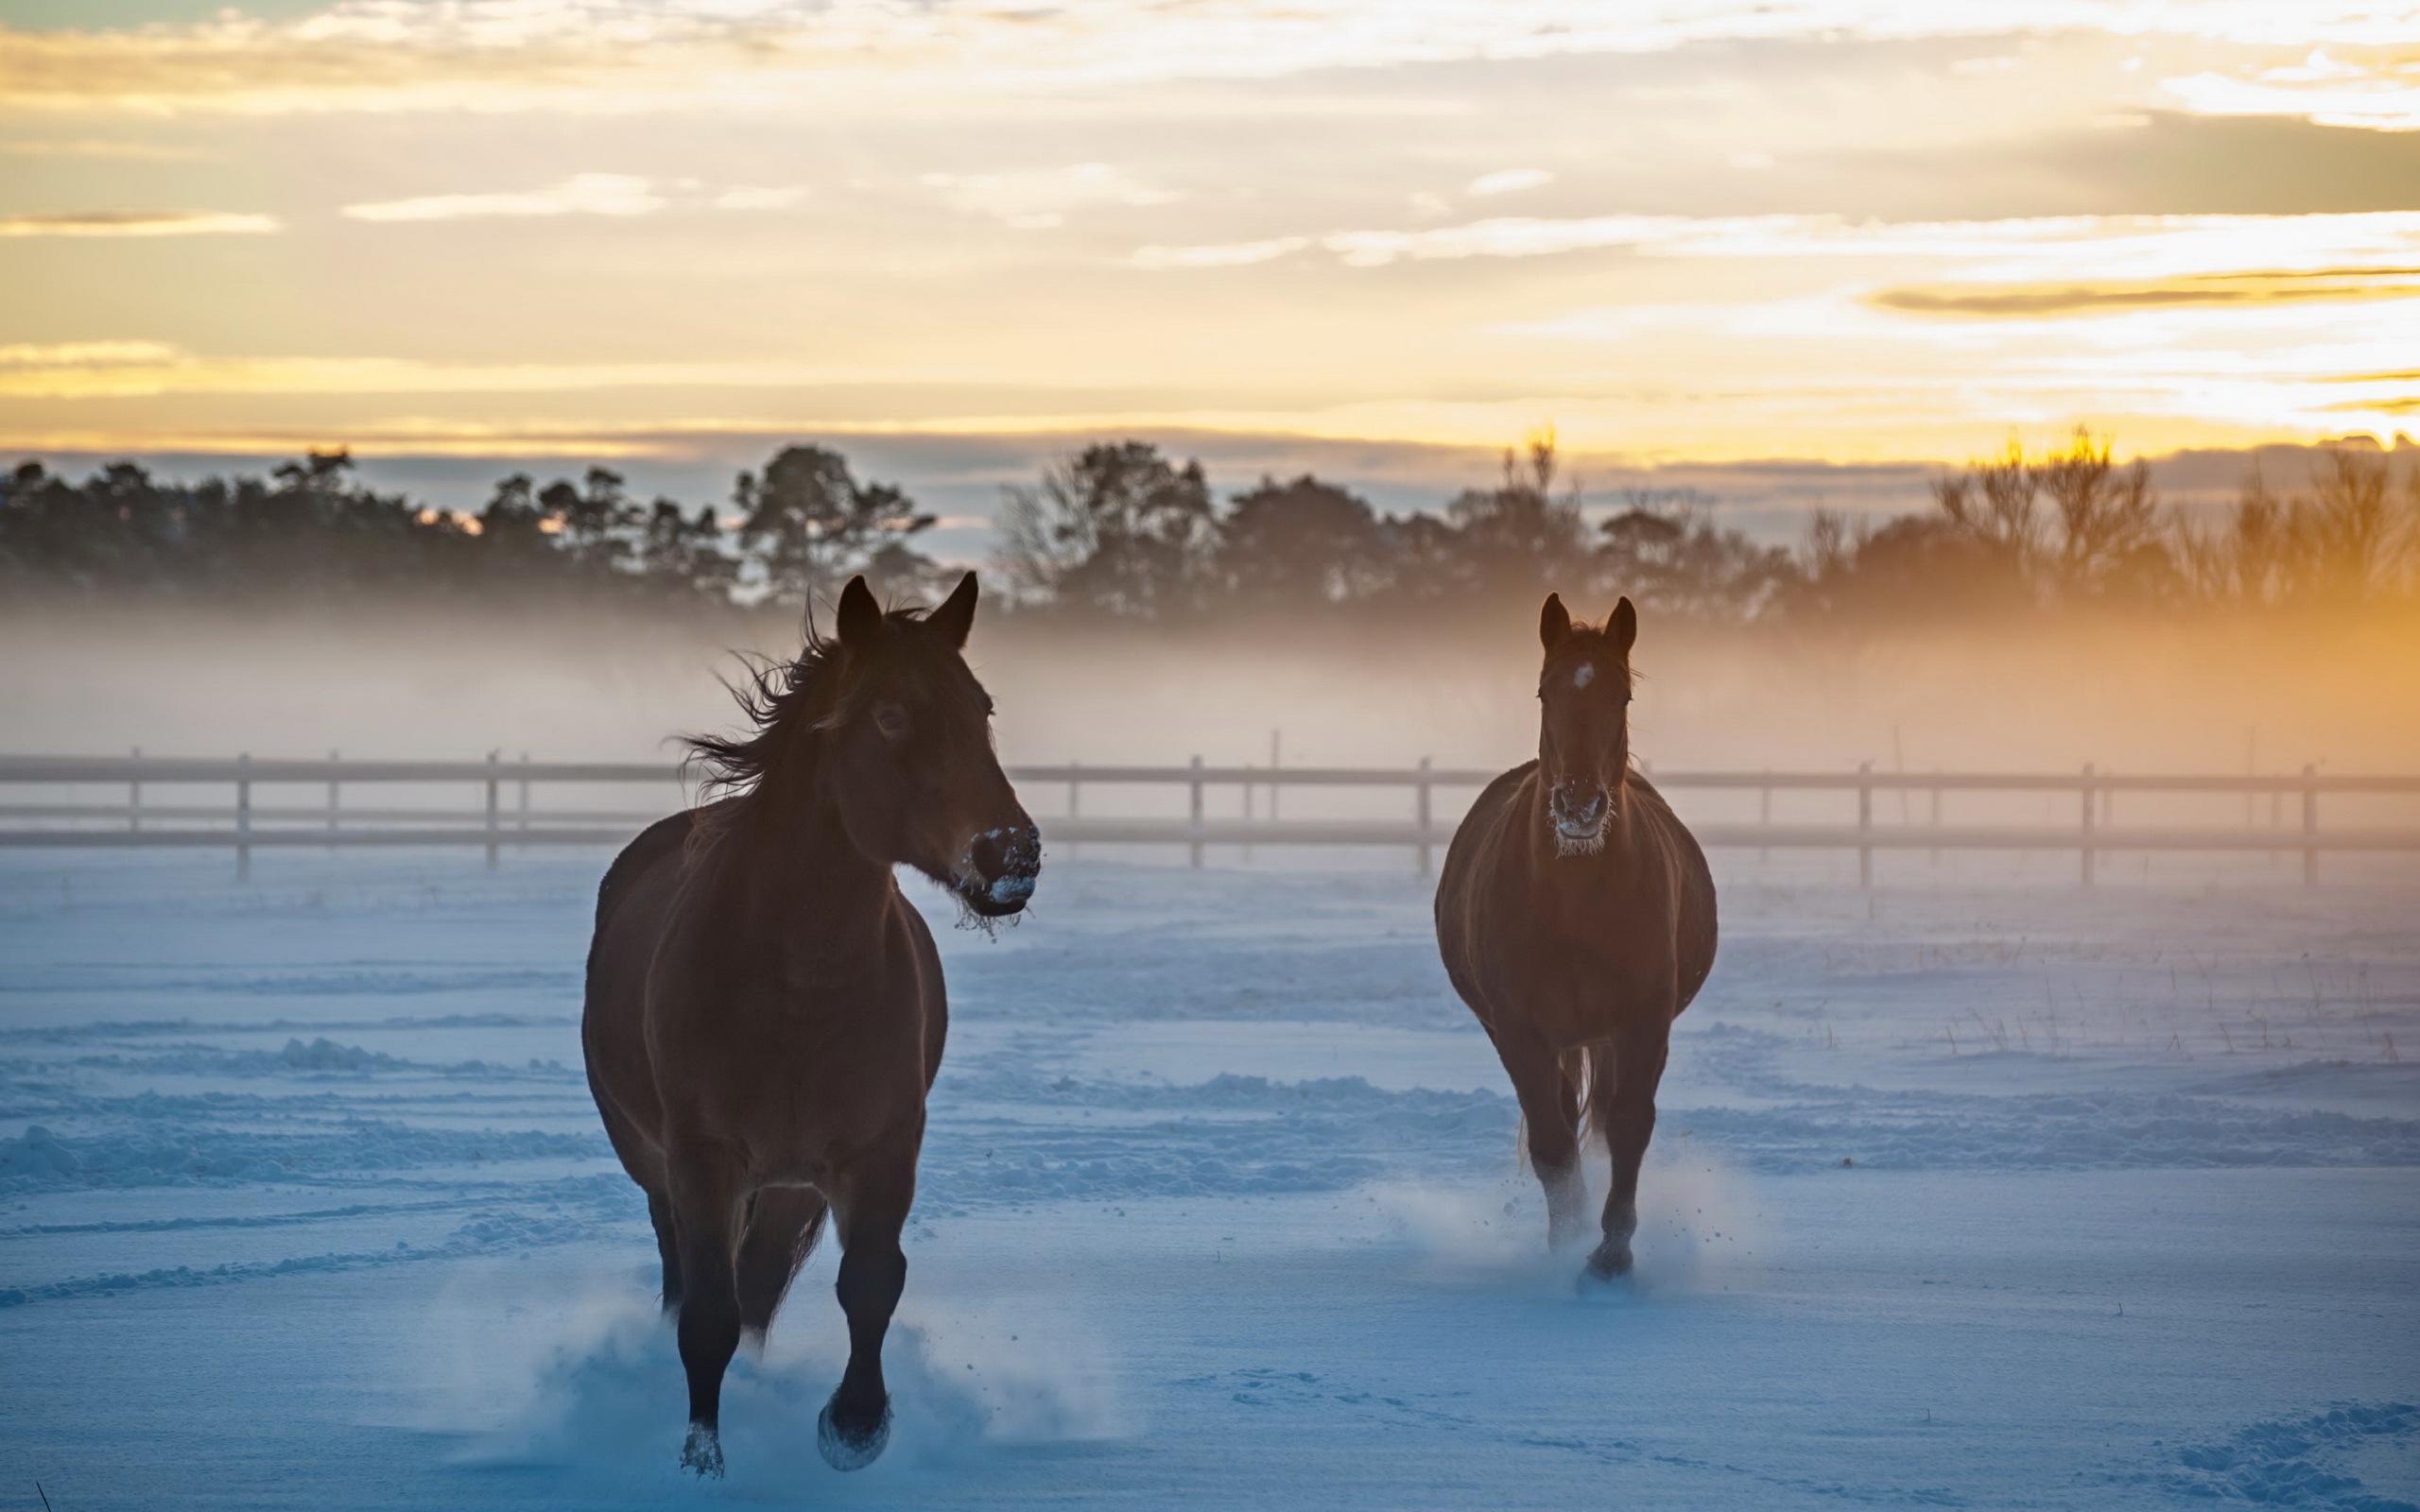 обои для рабочего стола зимние лошади № 465219 бесплатно